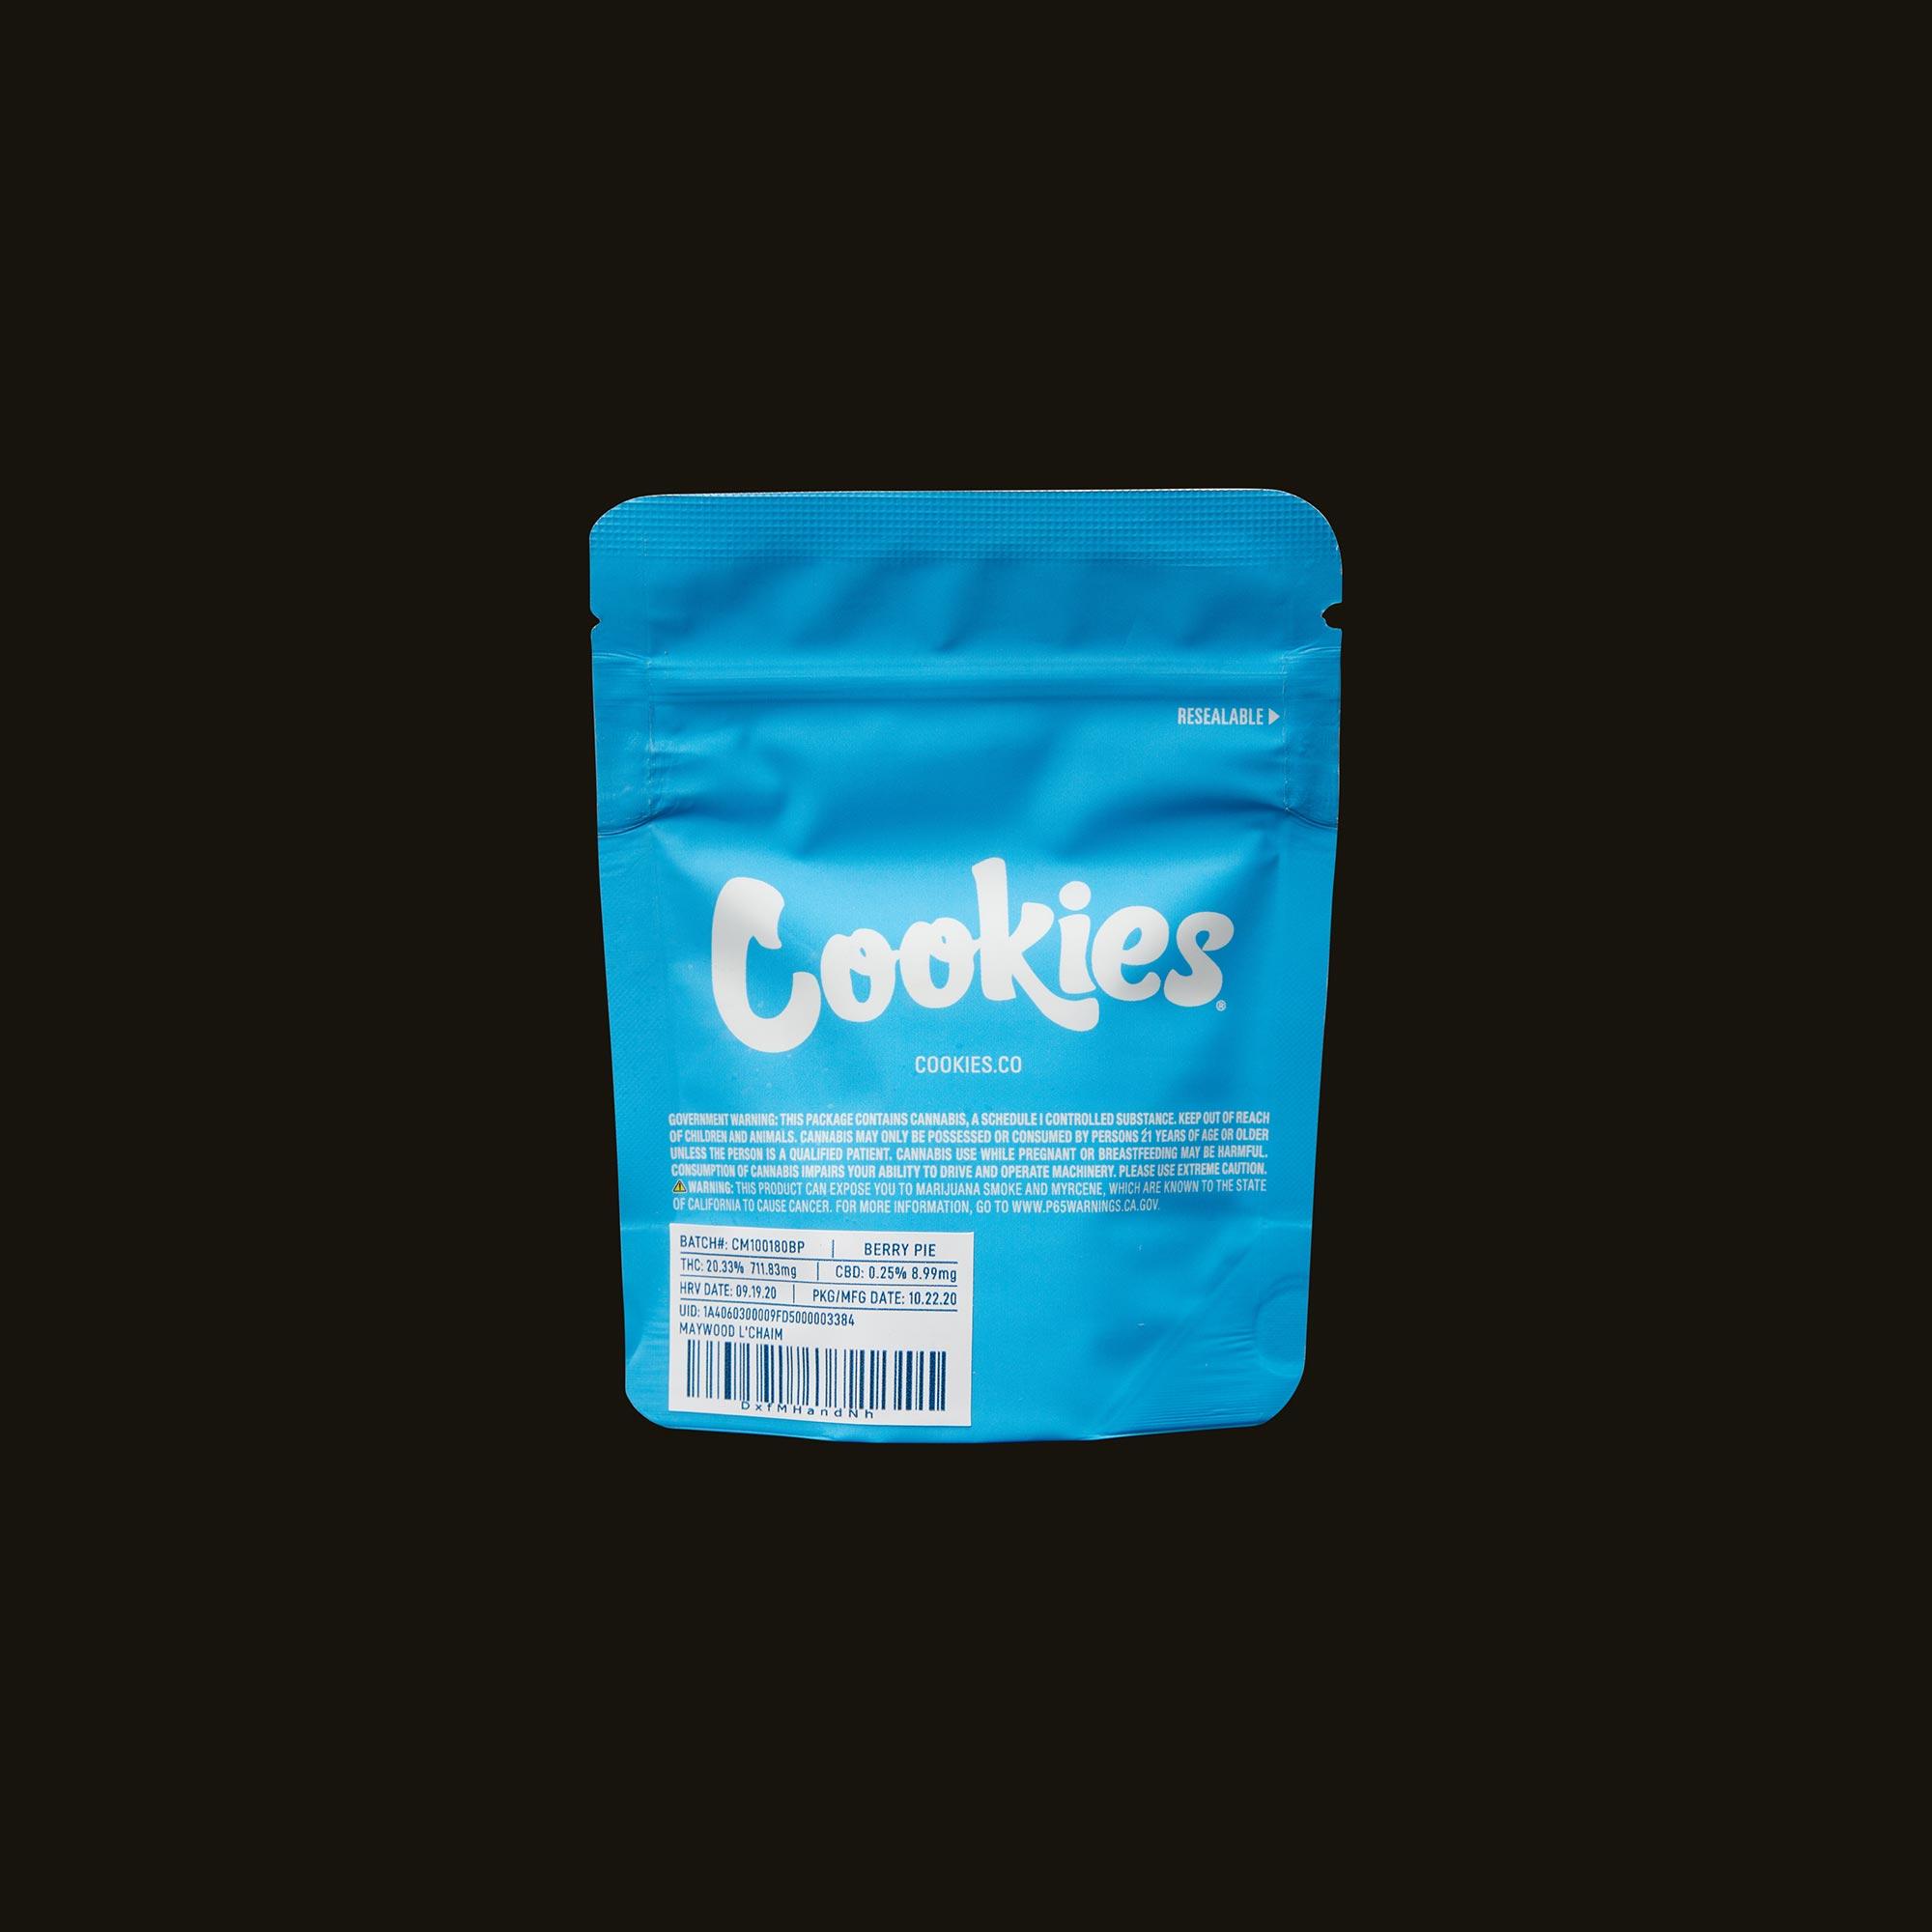 Cookies Berry Pie Back Packaging